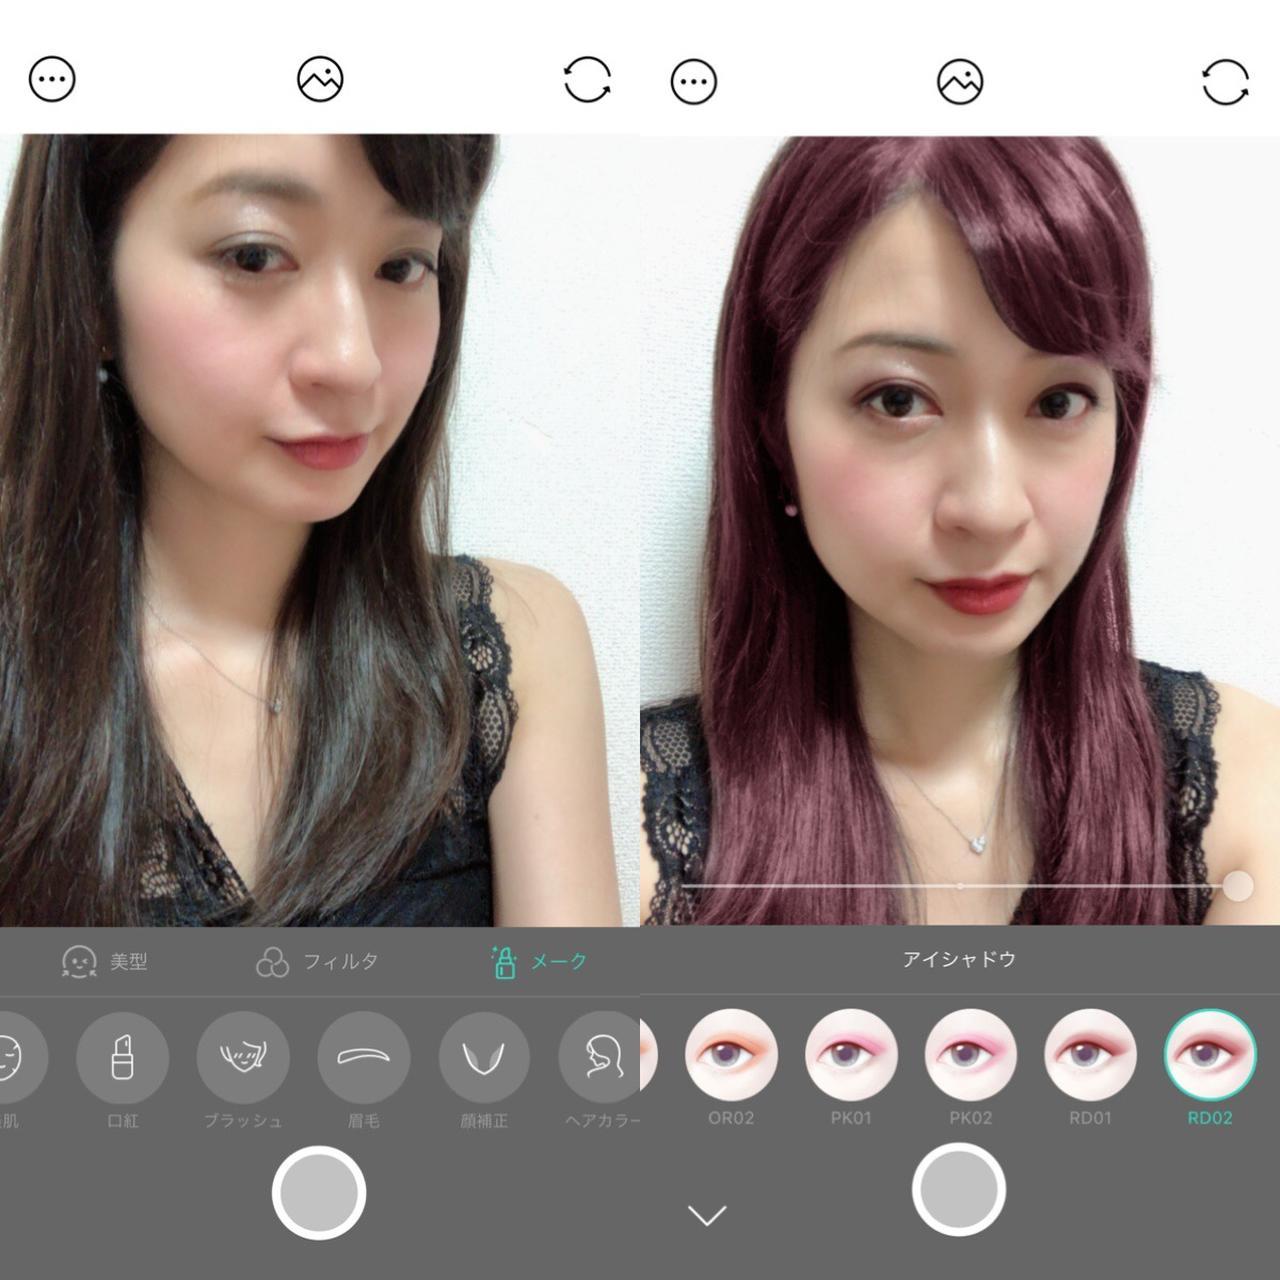 画像3: 「フィルタ」から写真の色フィルターをかけたり、美肌美人加工ができる!